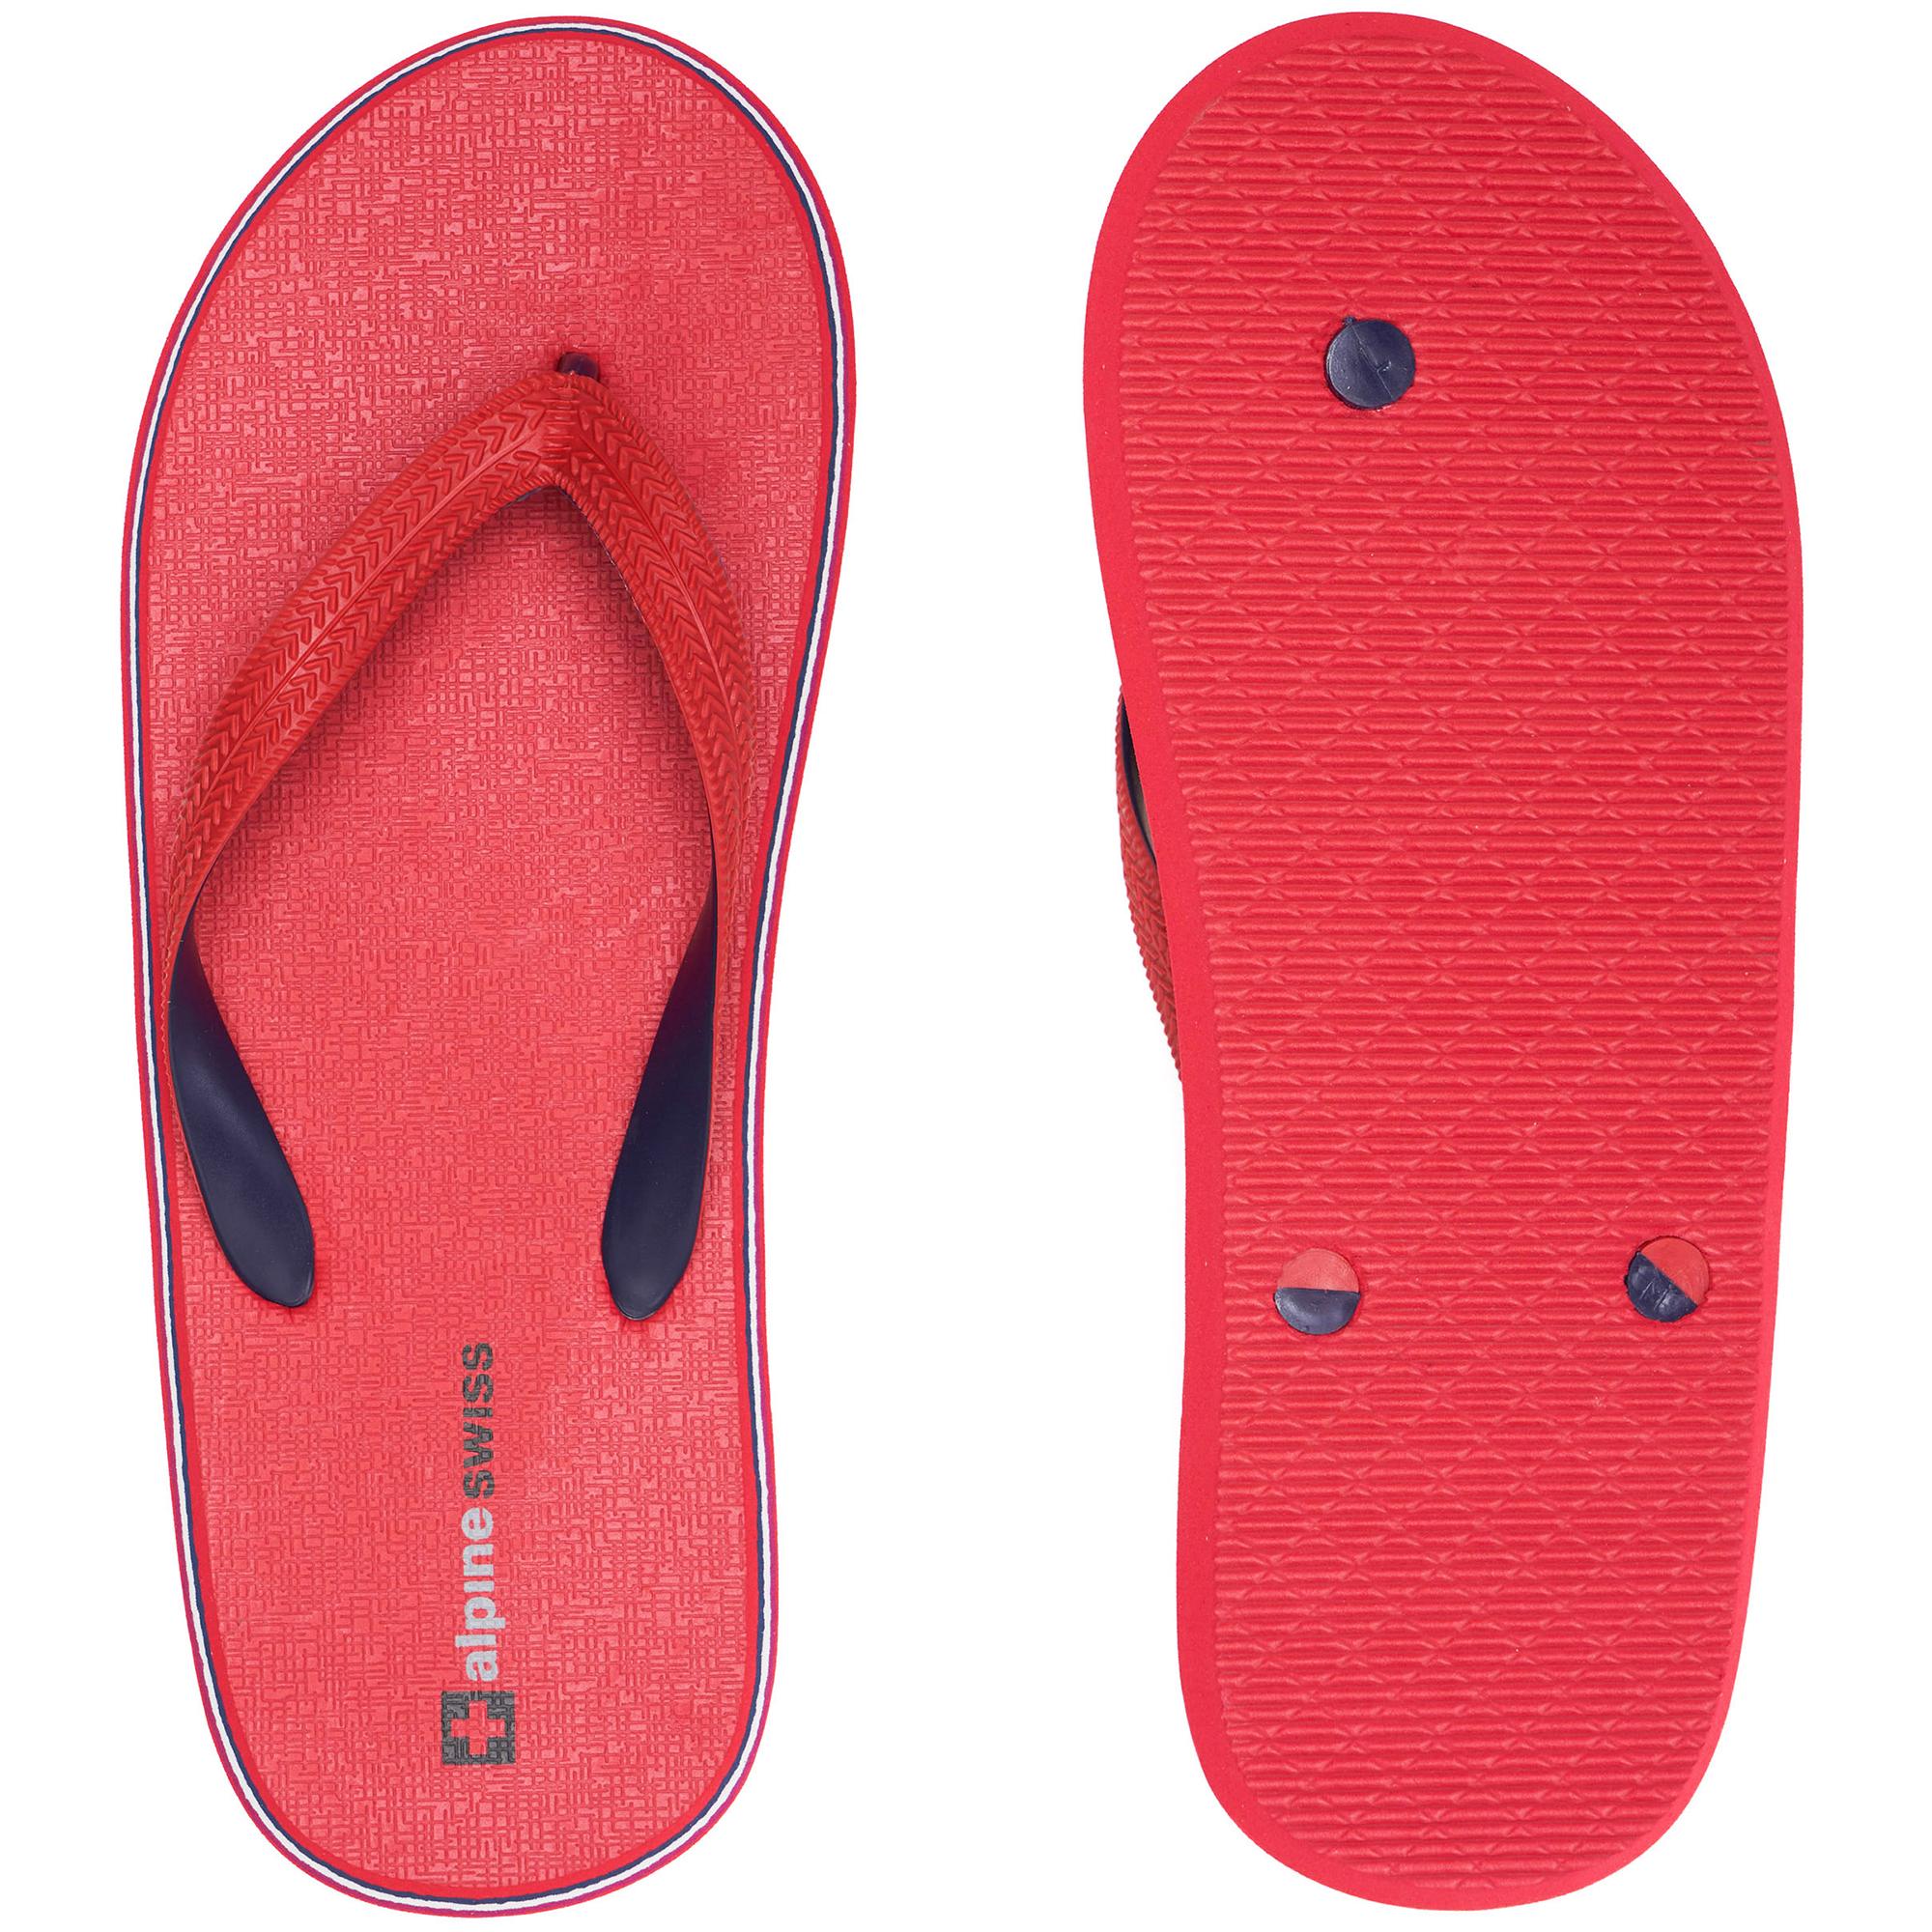 Alpine-Swiss-Mens-Flip-Flops-Beach-Sandals-Lightweight-EVA-Sole-Comfort-Thongs thumbnail 46